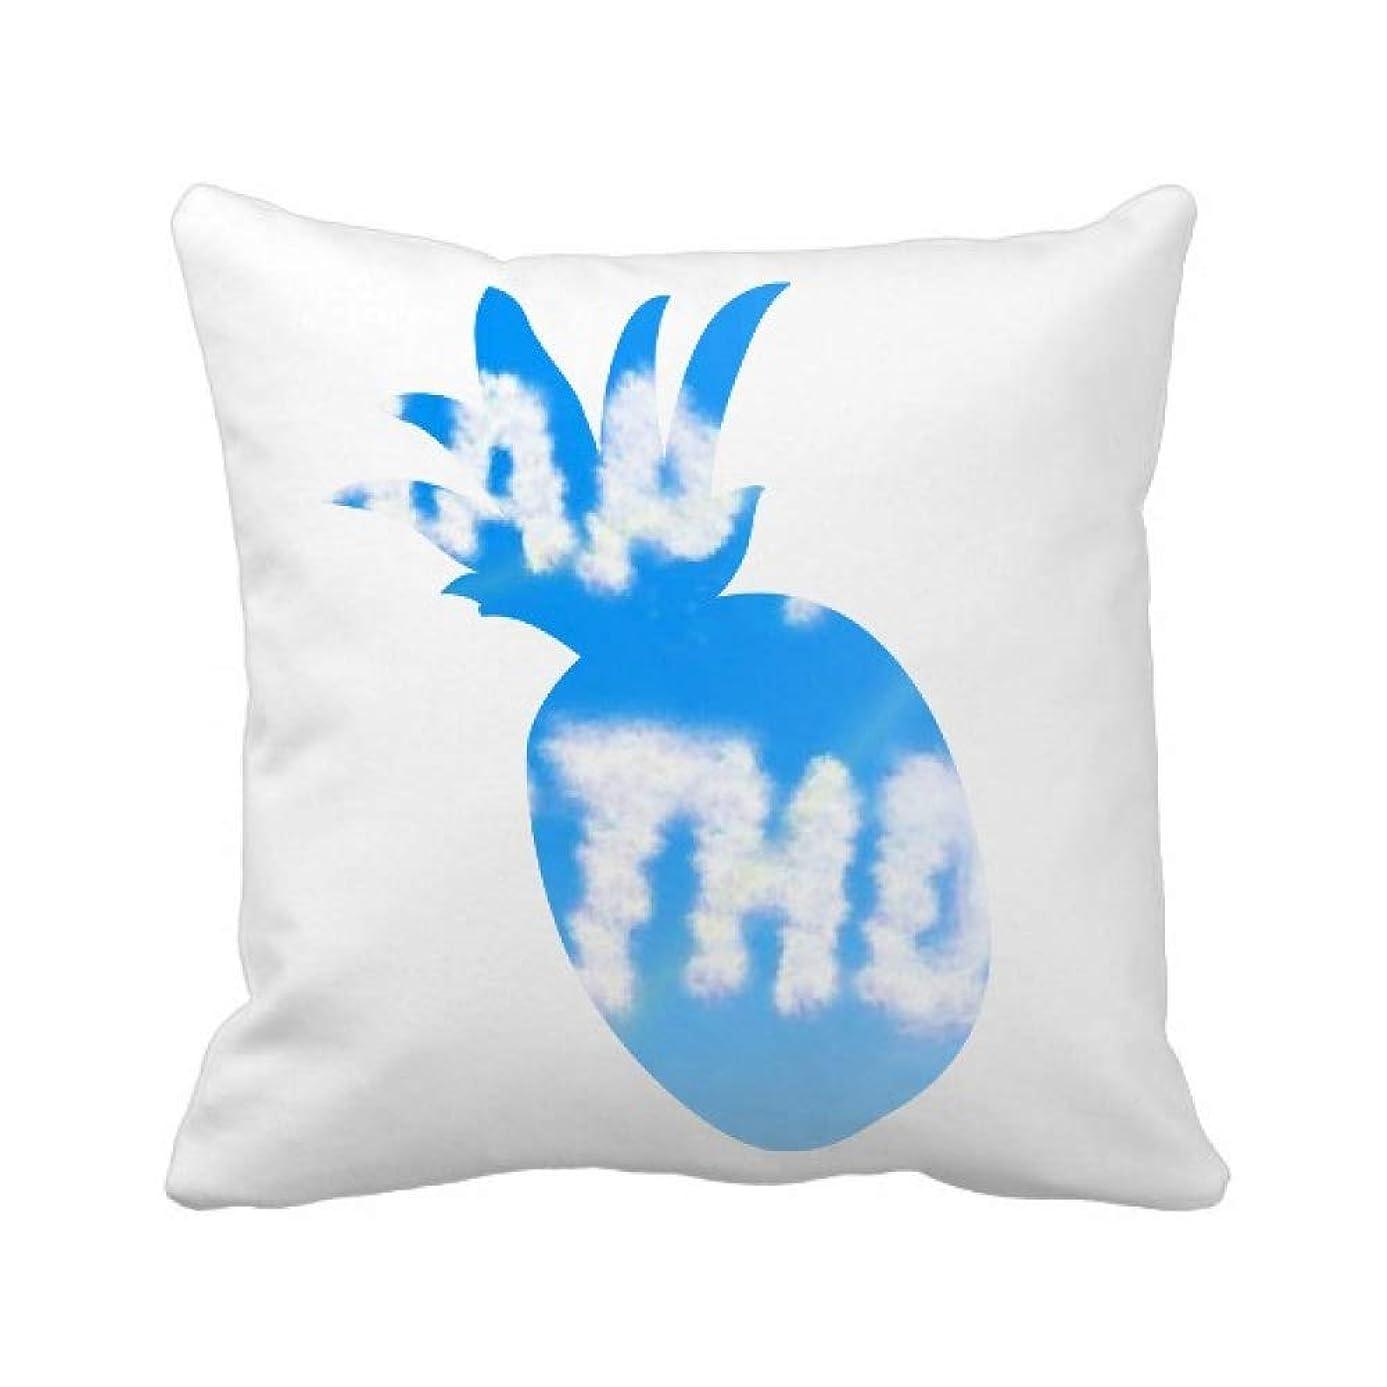 神社不利益ジェーンオースティンハッピーバースデーの青い空の雲 パイナップル枕カバー正方形を投げる 50cm x 50cm